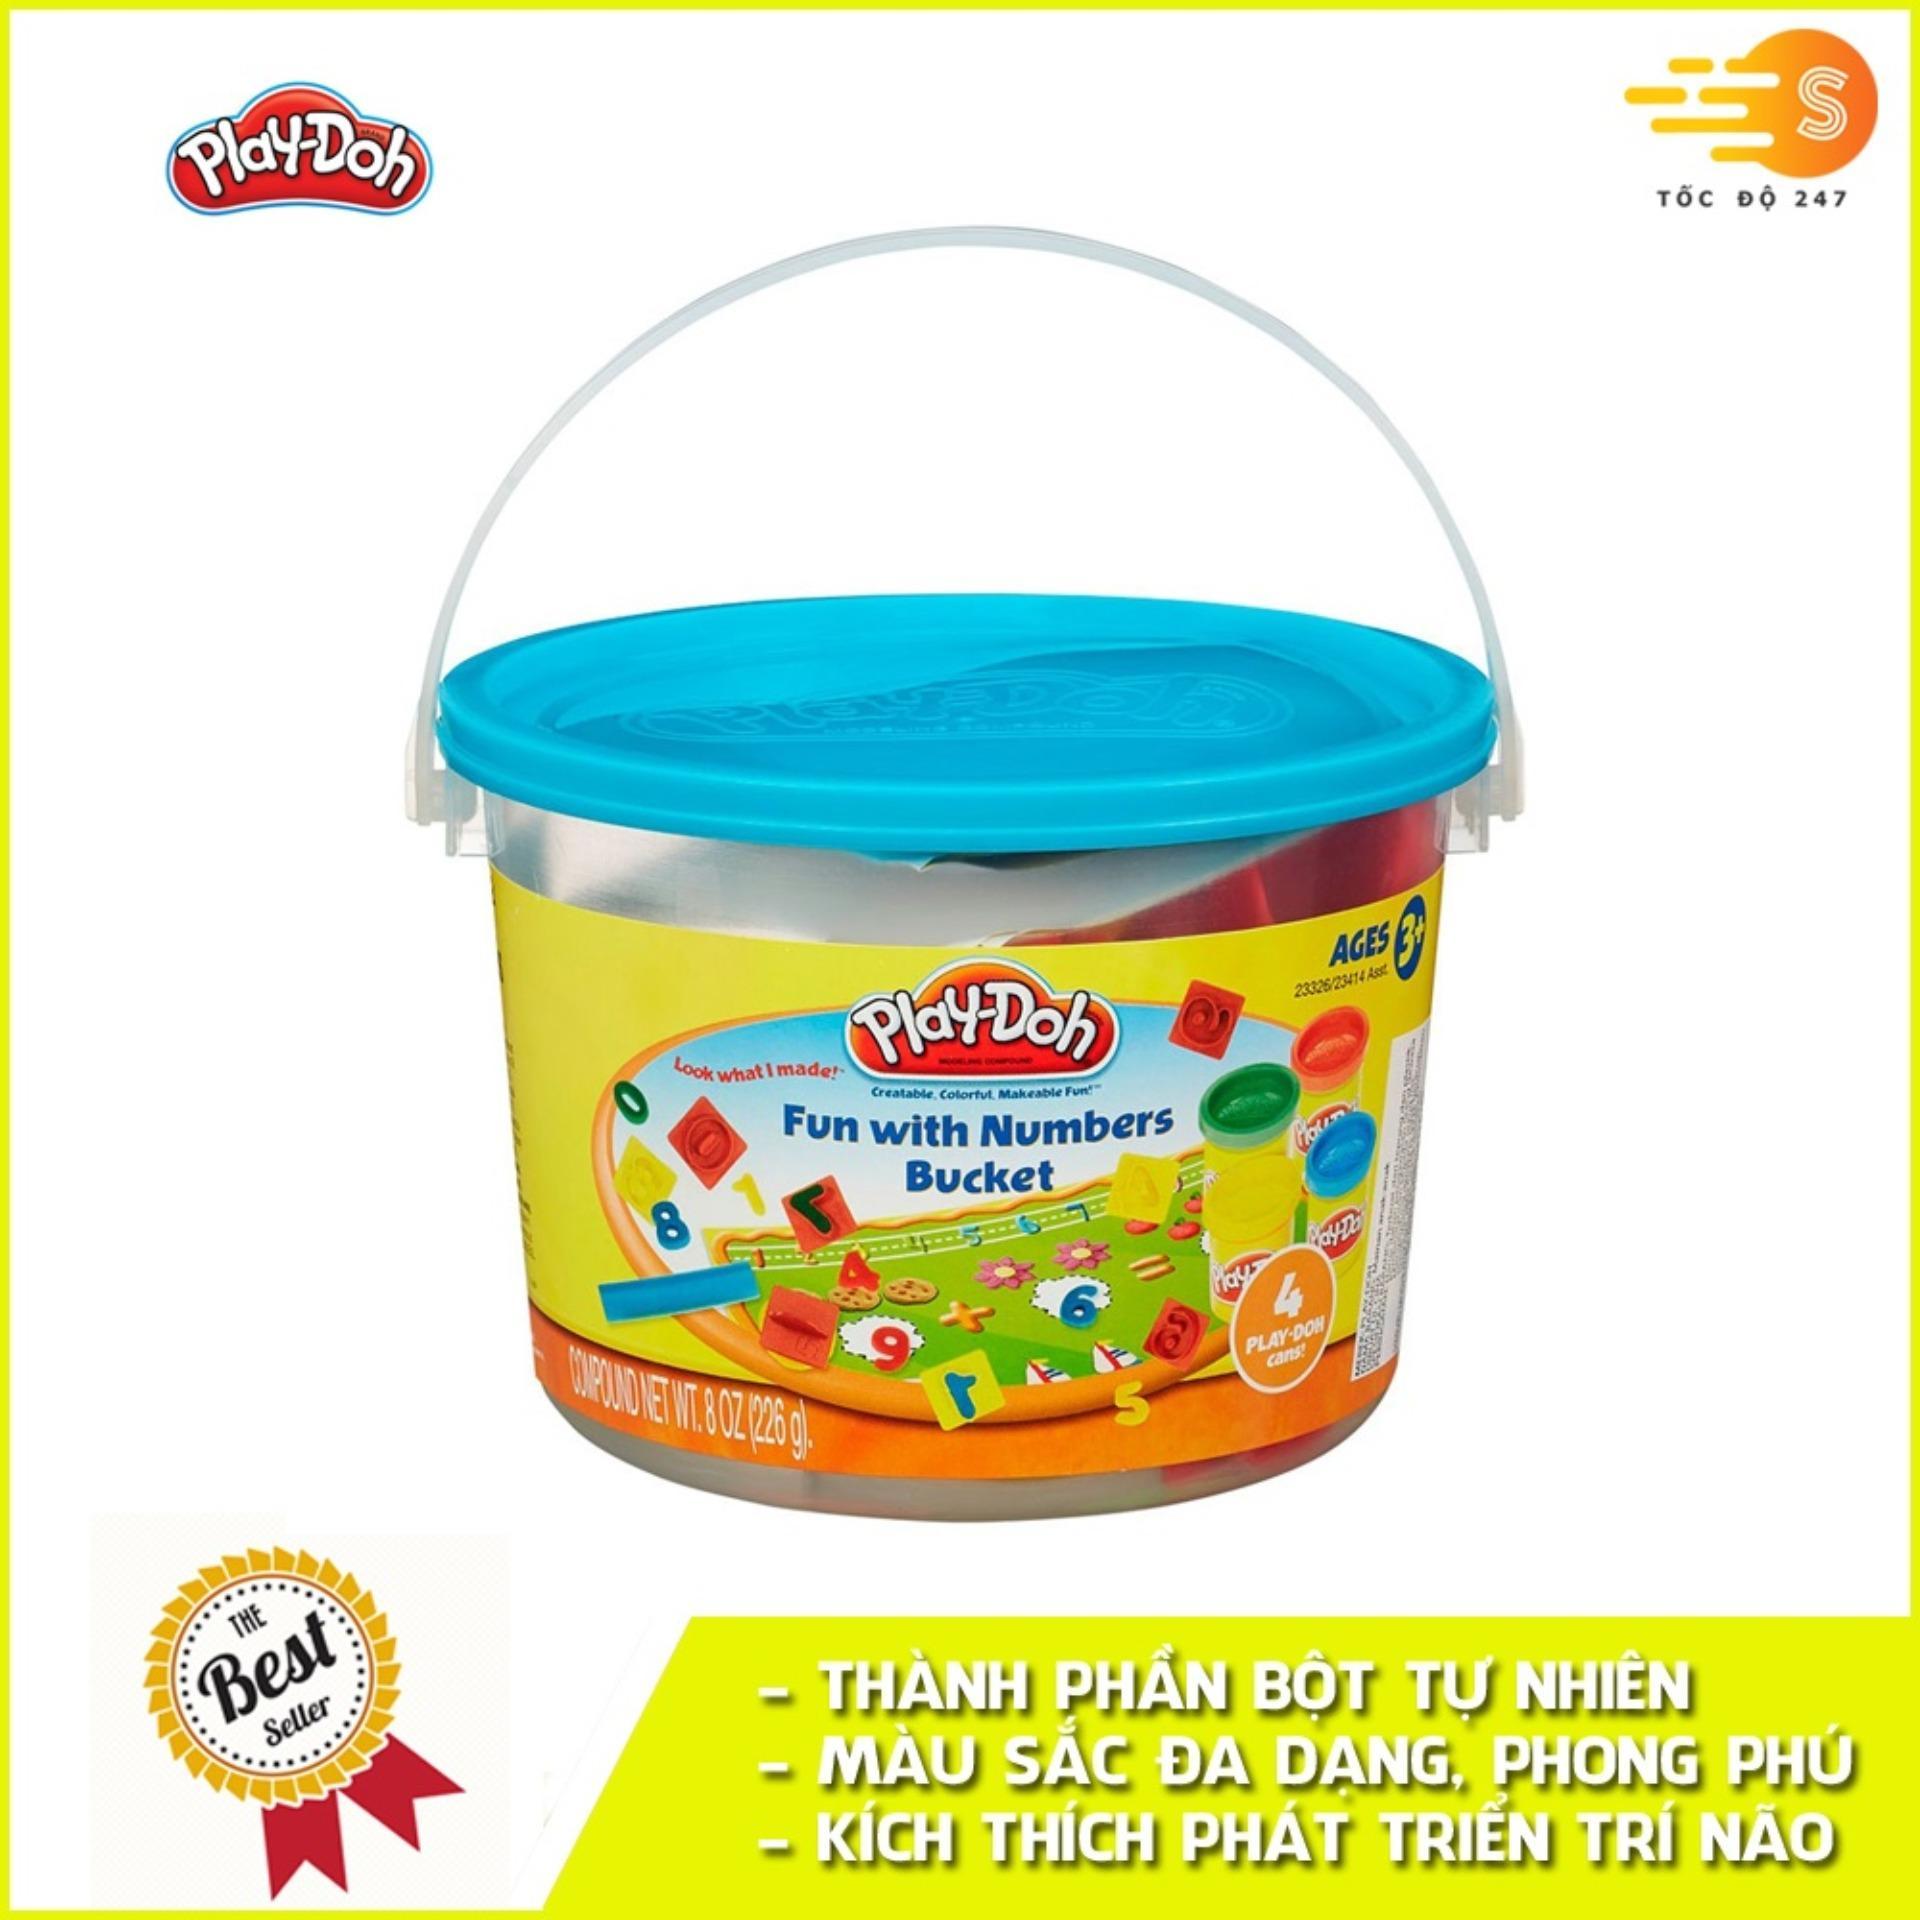 Bộ Bột Nặn Tạo Hình Thế Giới Sắc Màu Play-Doh 23414 Giá Siêu Cạnh Tranh